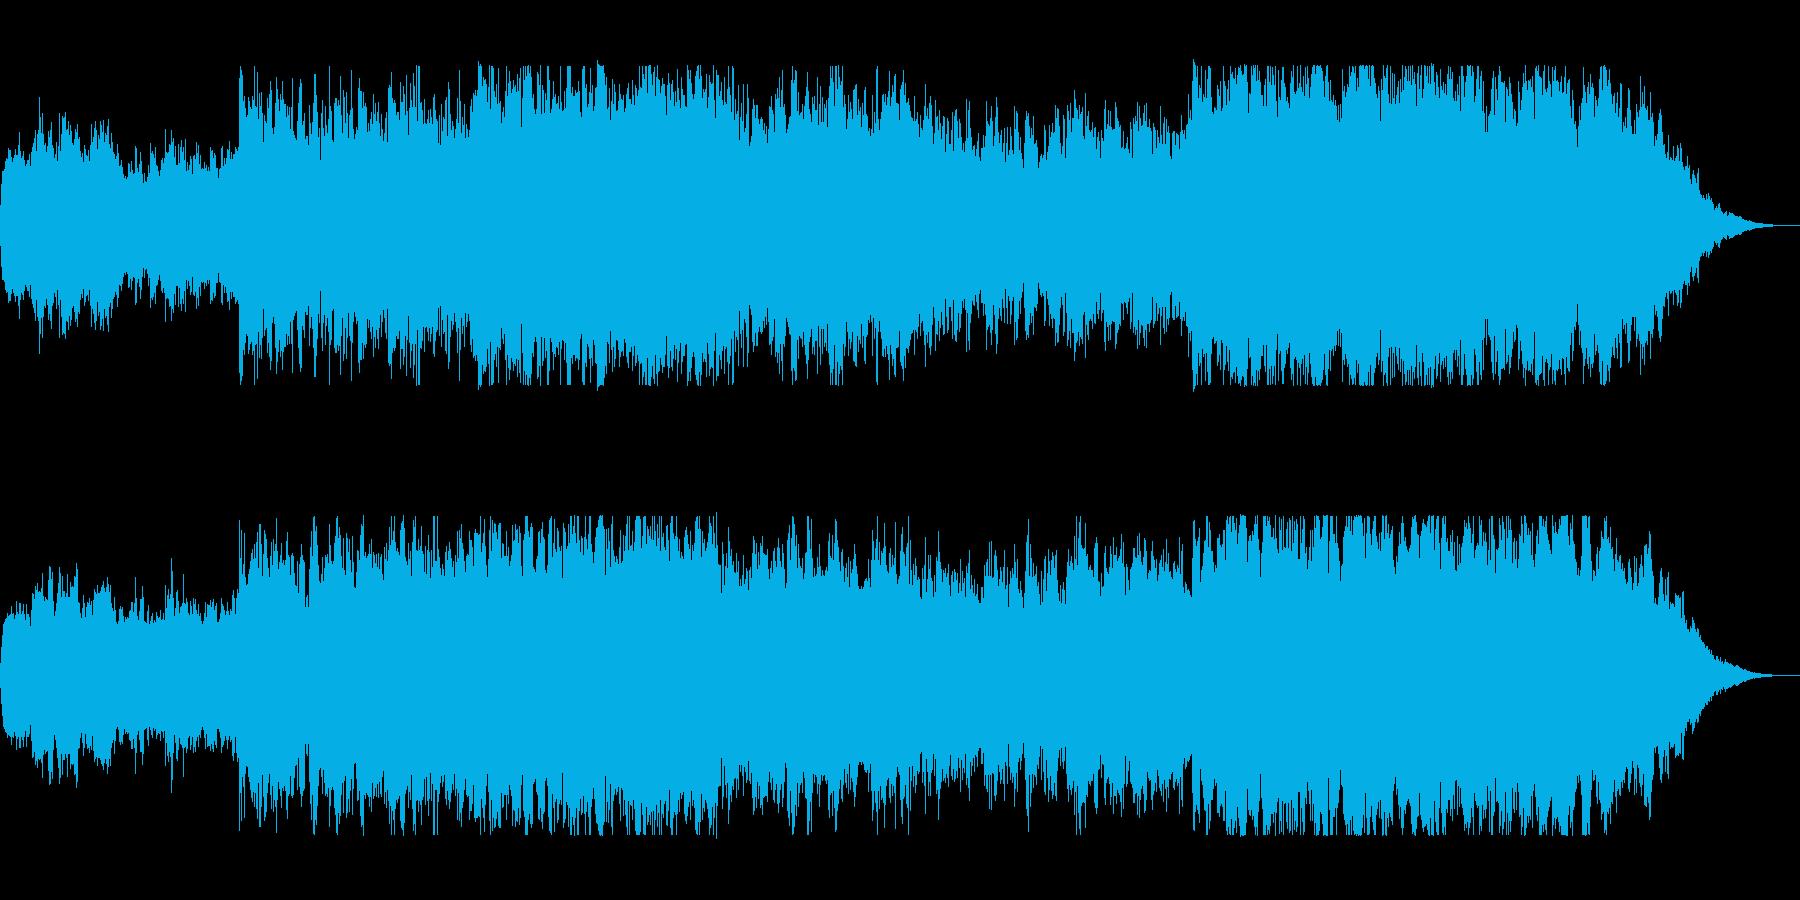 壮大で迫力あるオーケストラサウンドの再生済みの波形